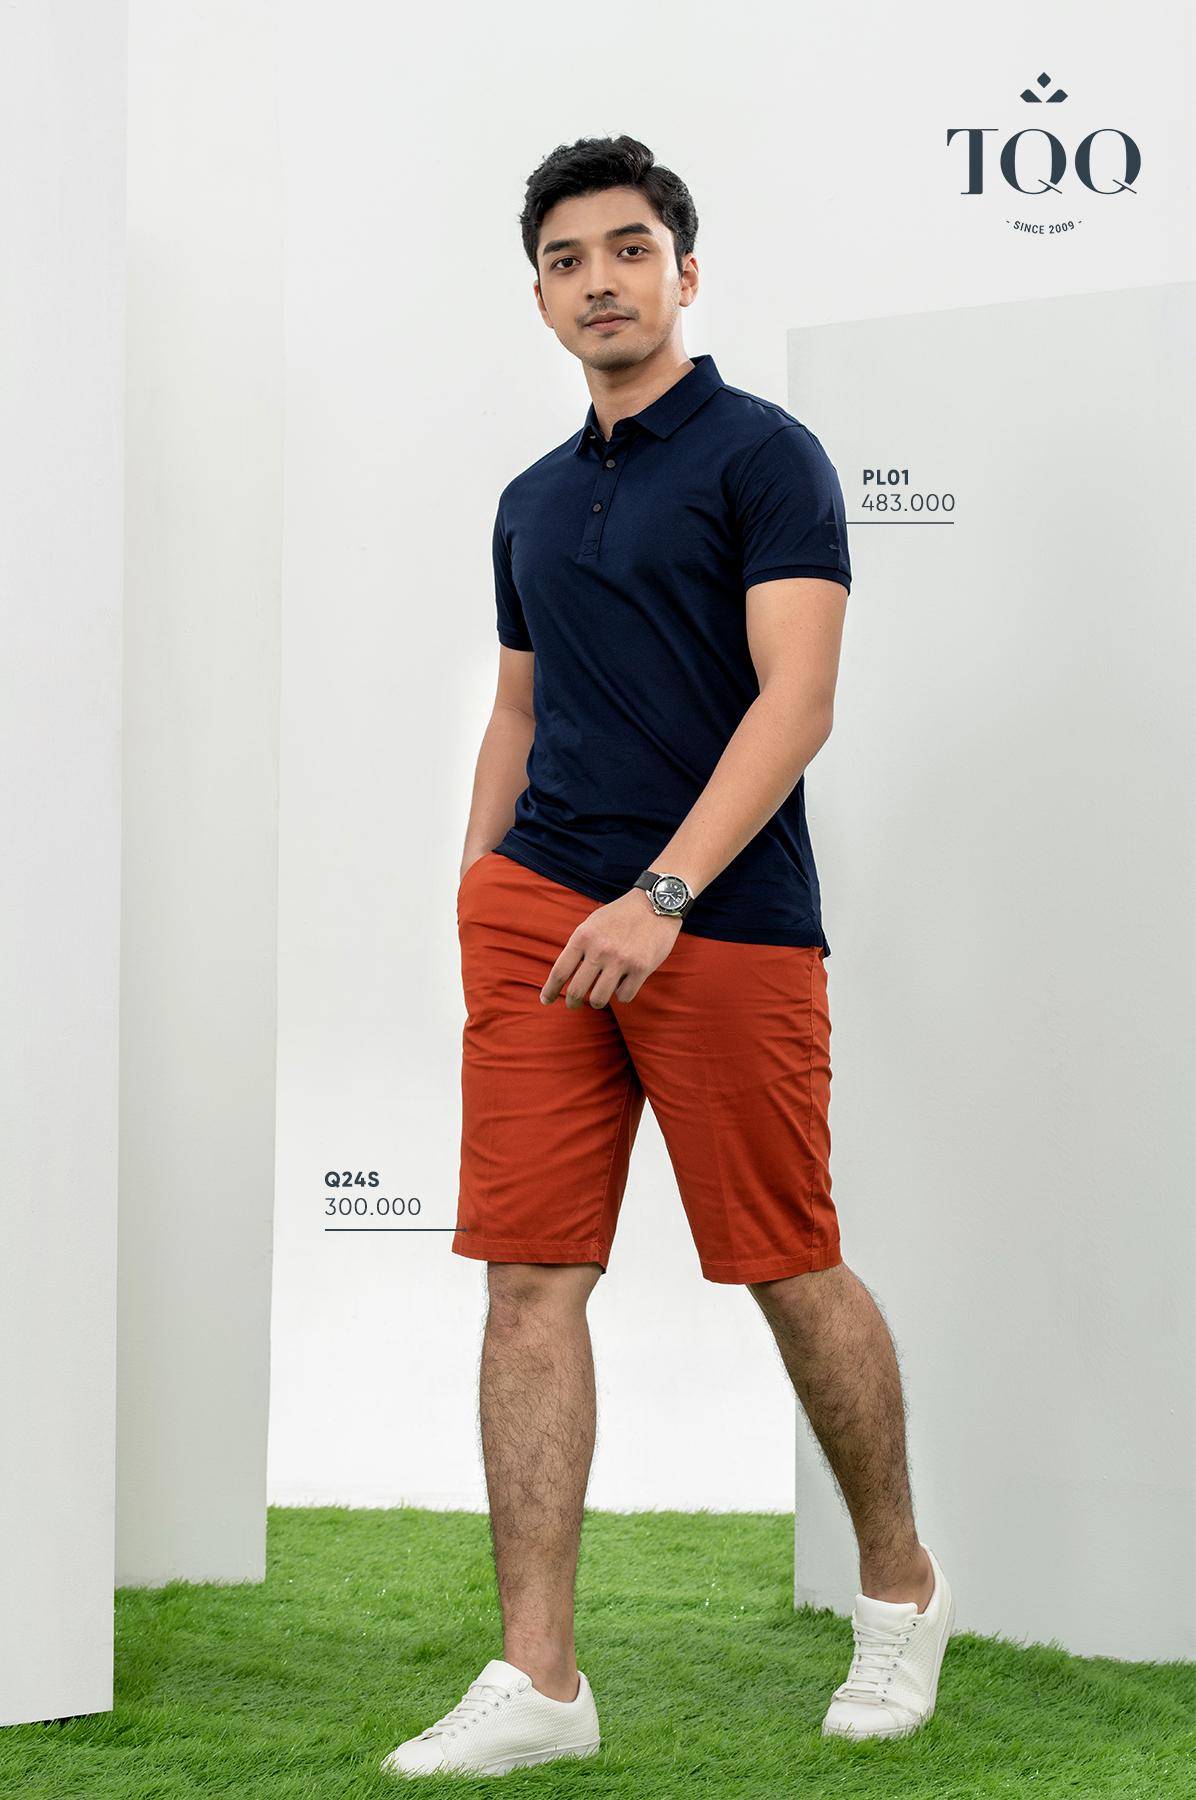 Tuân thủ quy tắc khi mặc áo phông với quần short sẽ giúp nam giới mặc đẹp hơn